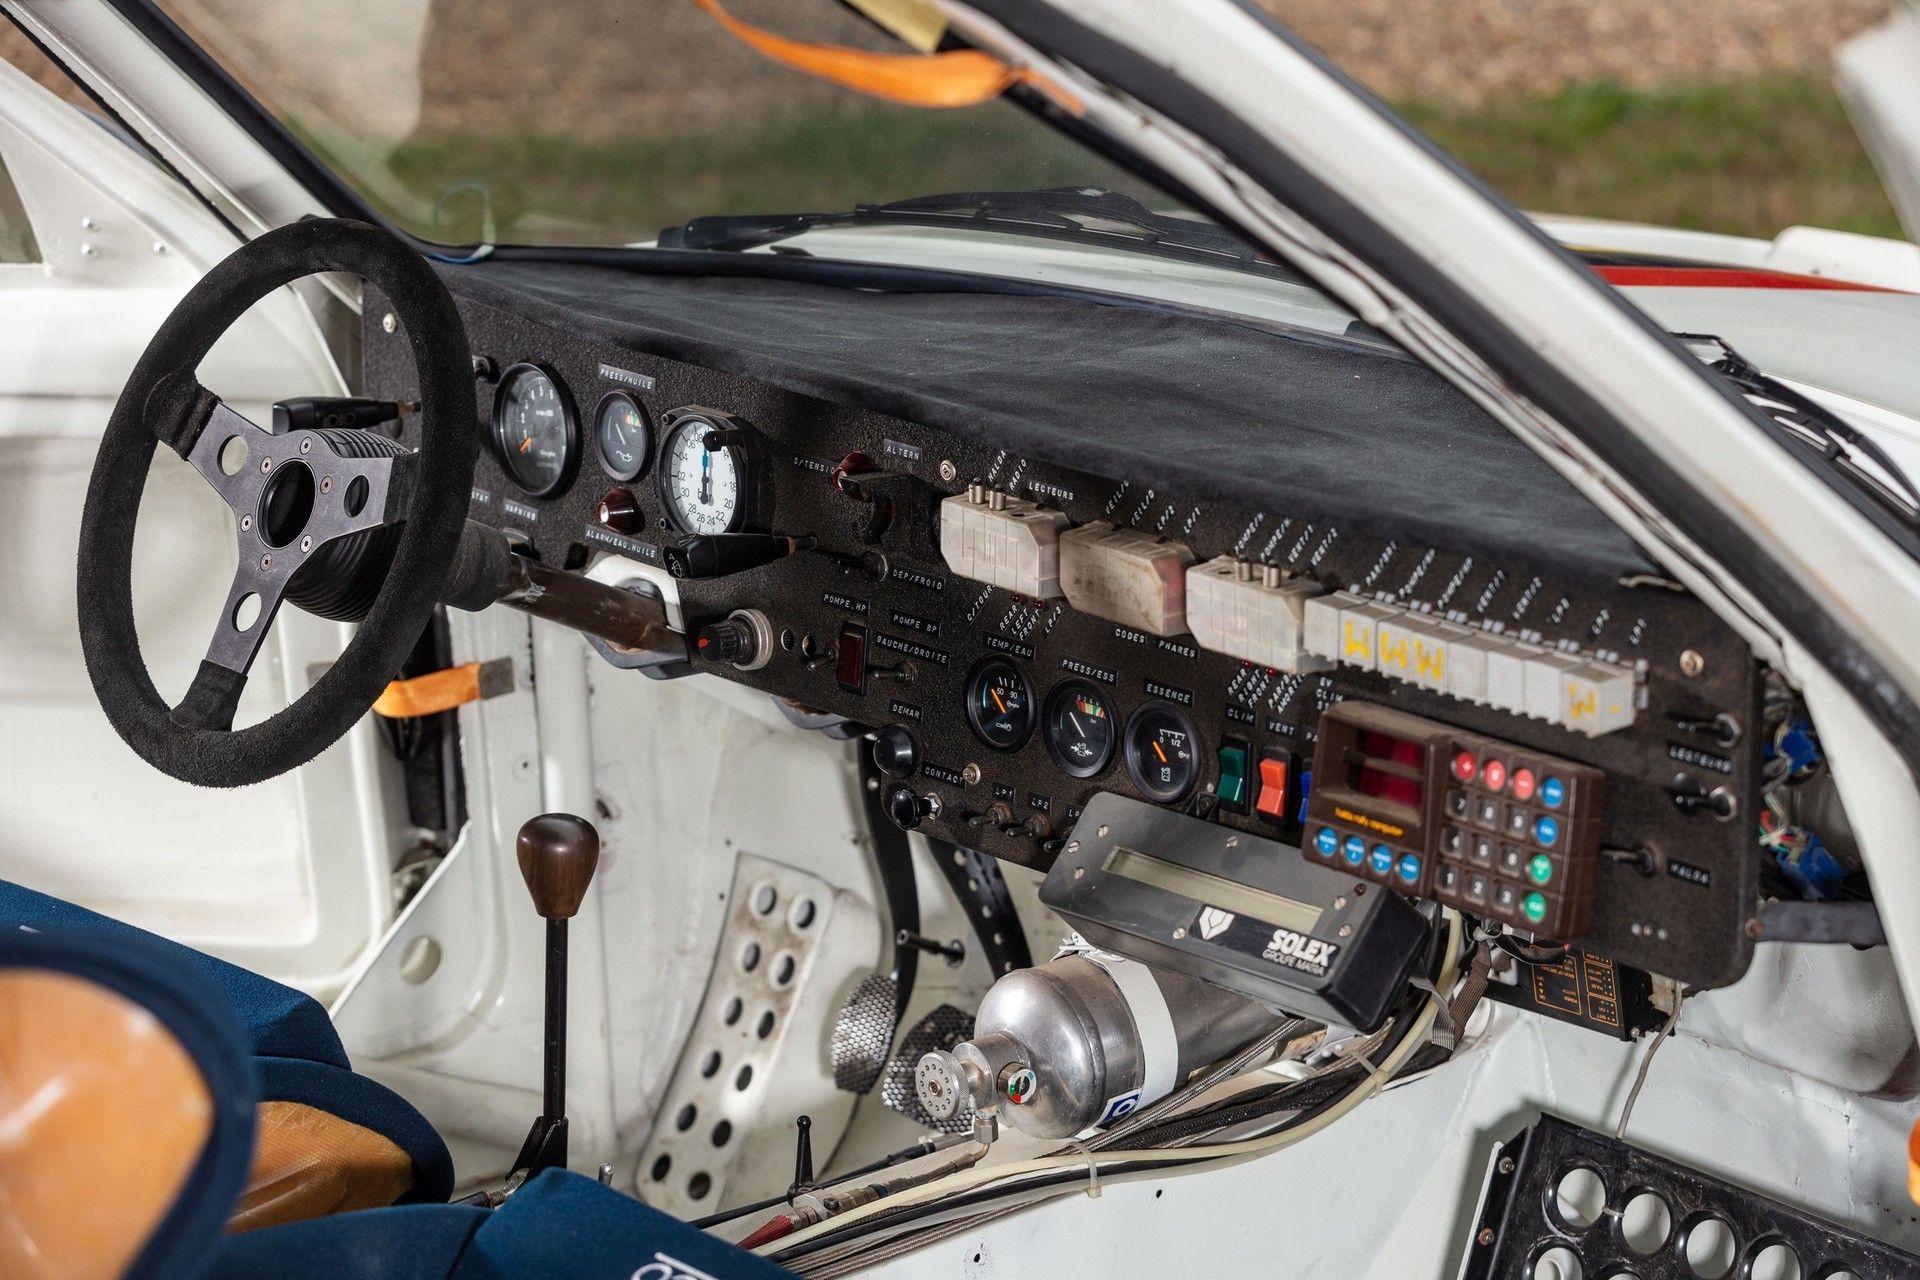 1985_Peugeot_205_Turbo_16_Evolution_2_sale-0021